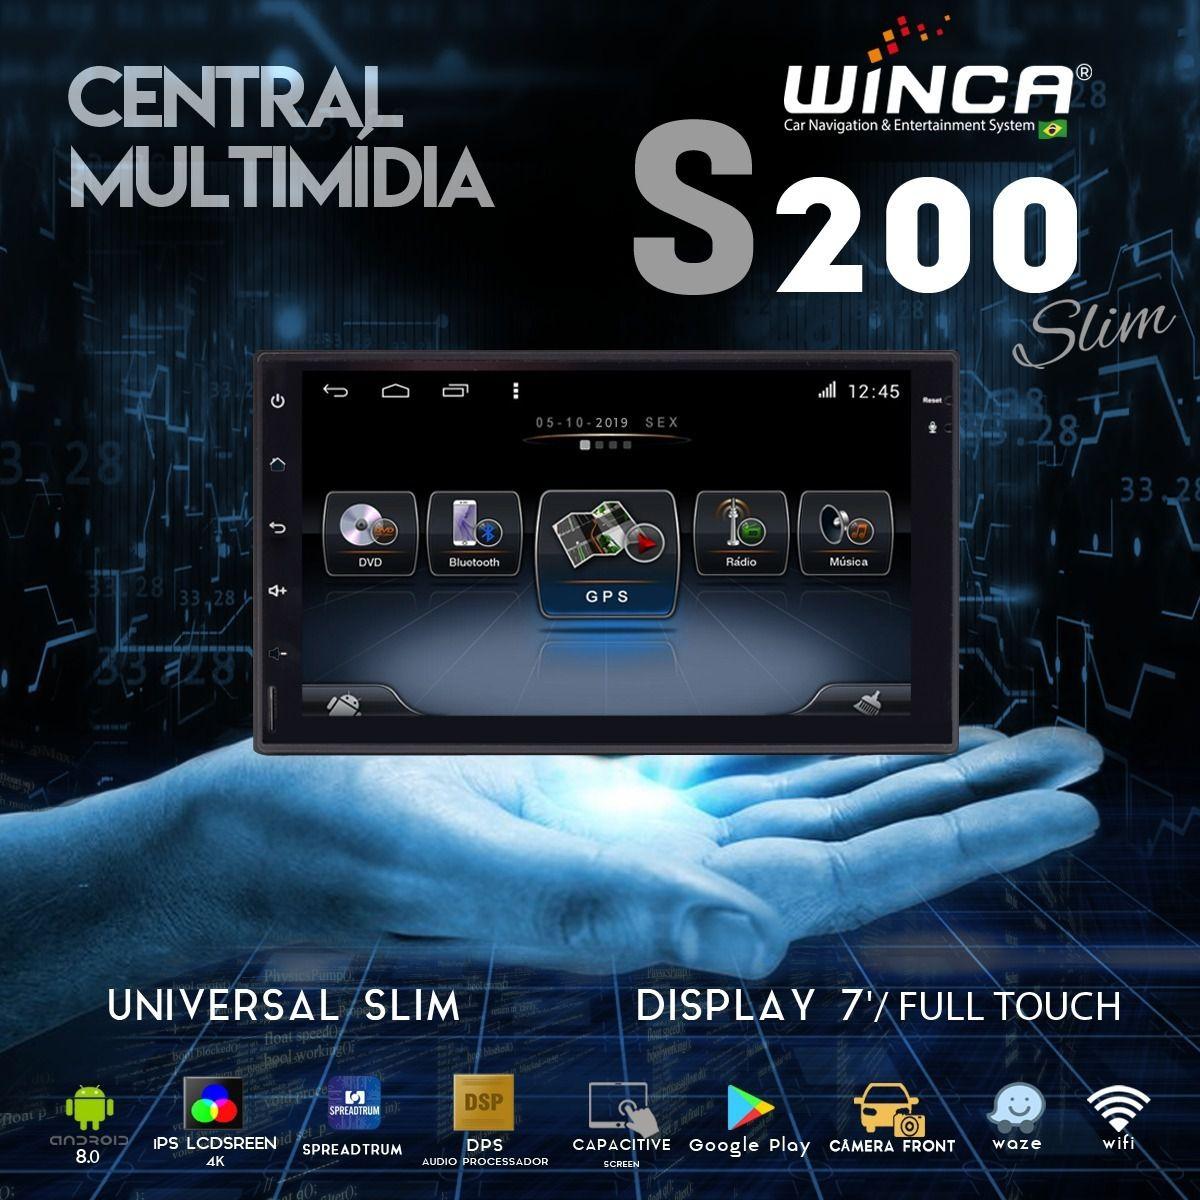 Central Multimidia Honda HRV 2016 a 2020 Winca Tela 9 polegas  - Waze Spotify youtube - 2 cameras Ré + Frontal - TV  Digital - GPS Integrado -  Bluetooth - 2 entradas USB - Android 9.0